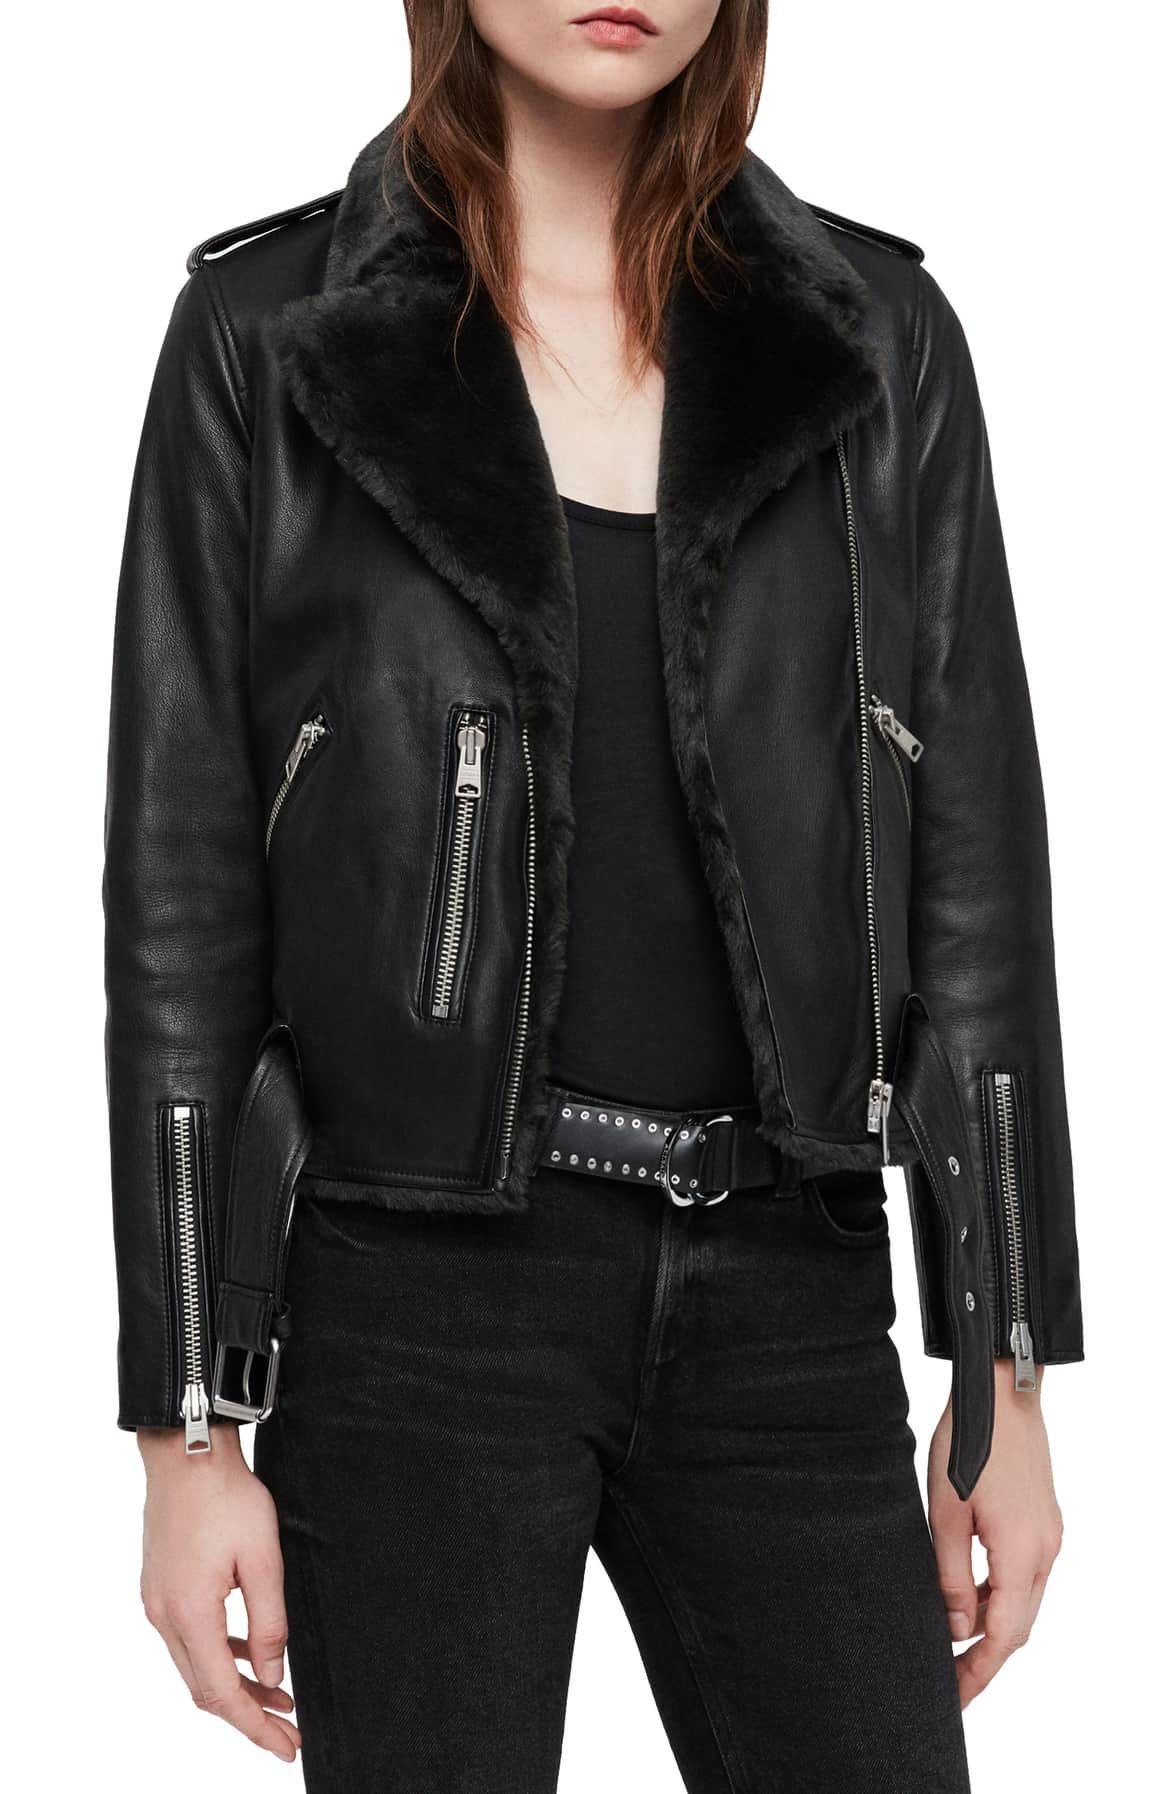 Allsaints Balfern Lux Leather Biker Jacket With Faux Fur Trim Nordstrom Jackets Coats Jackets Women Biker Jacket [ 1794 x 1170 Pixel ]